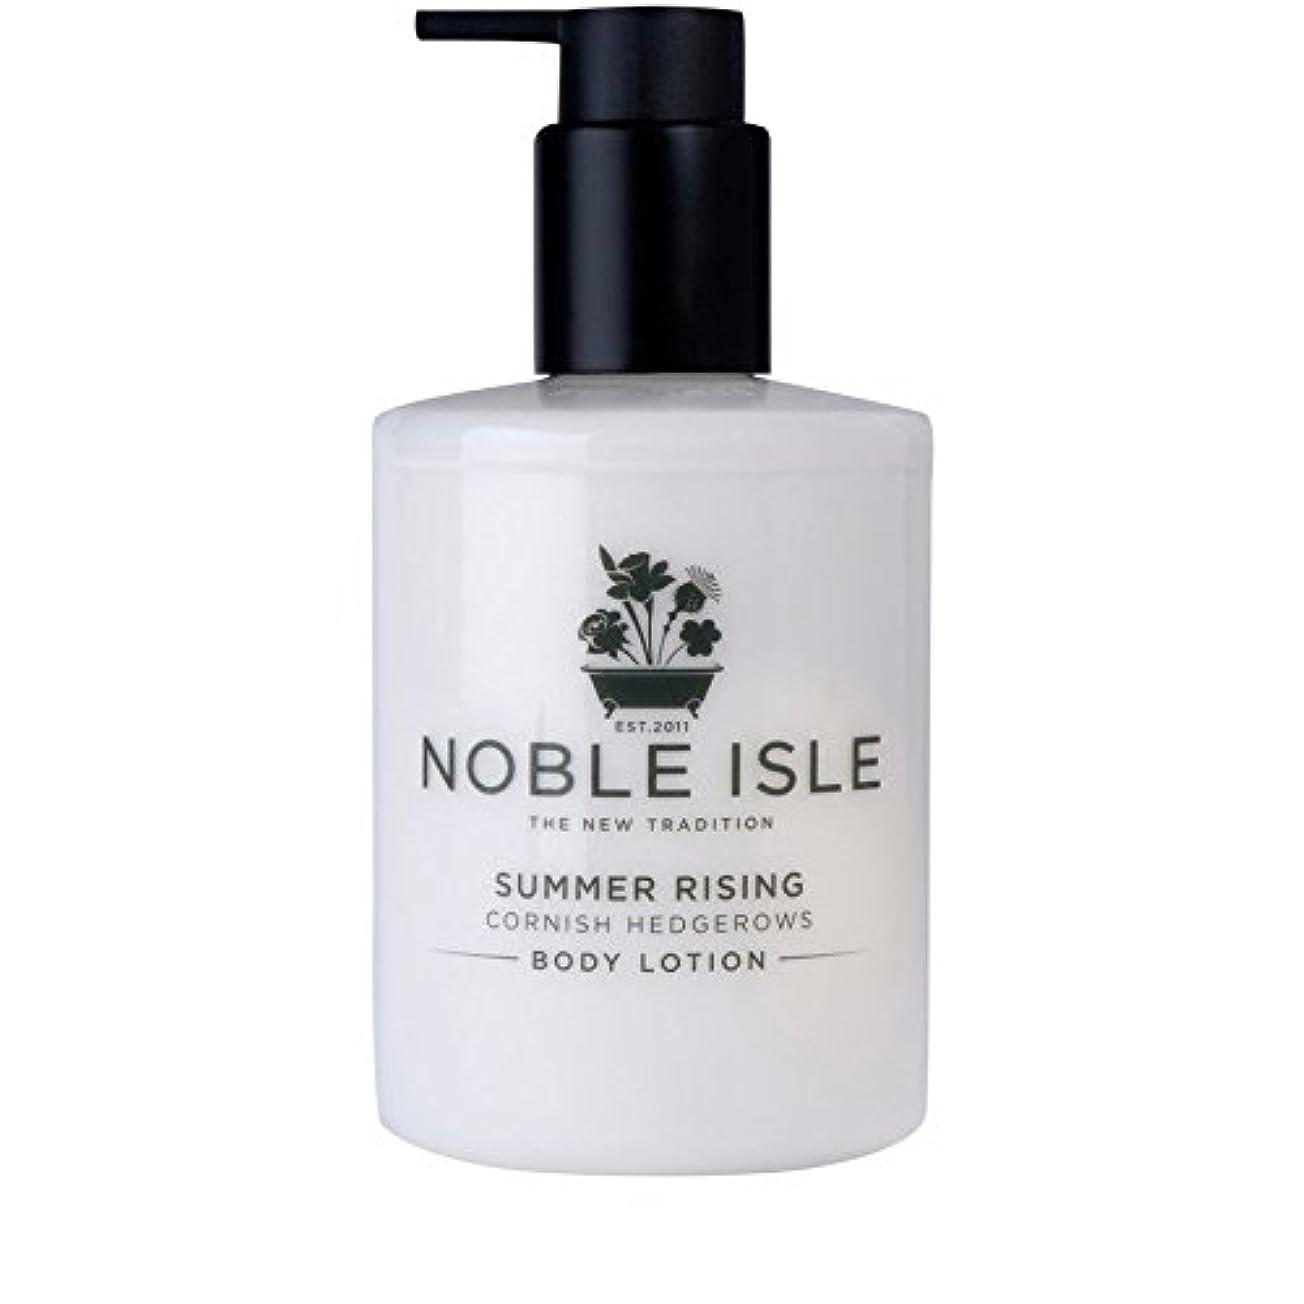 差窒素費やすコーニッシュ生け垣ボディローション250ミリリットルを上昇高貴な島の夏 x4 - Noble Isle Summer Rising Cornish Hedgerows Body Lotion 250ml (Pack of...